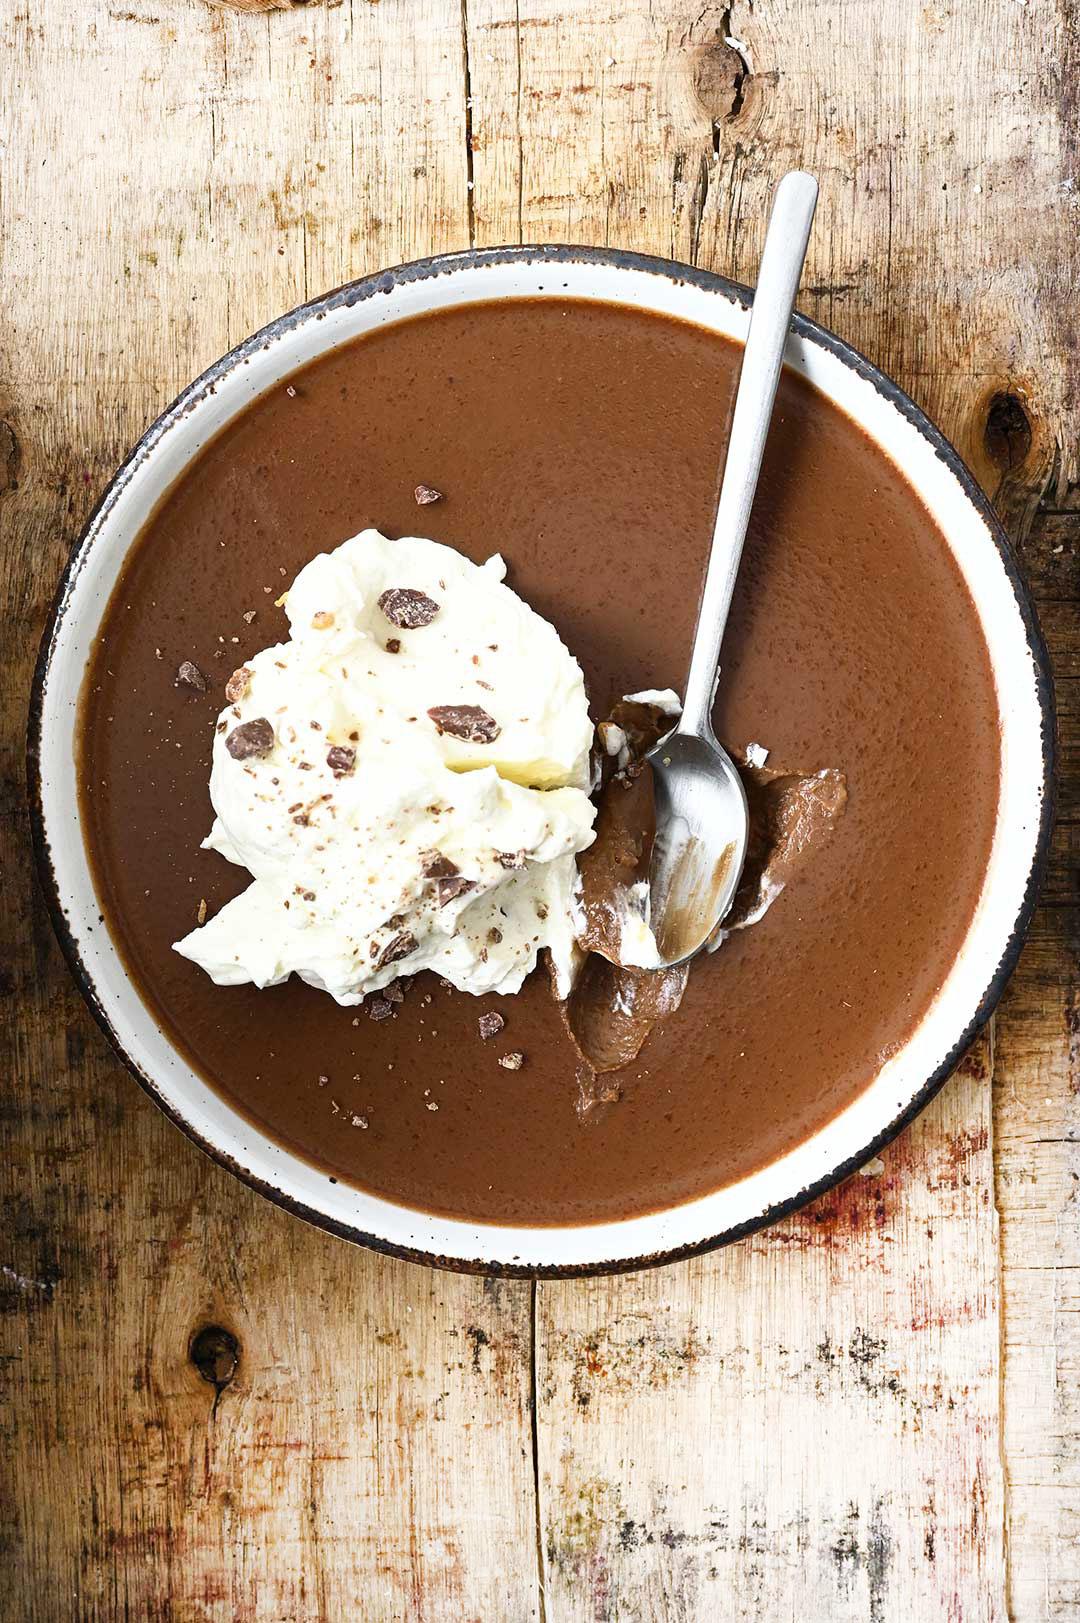 serving dumplings | Chocolate Peanut Butter Panna Cotta